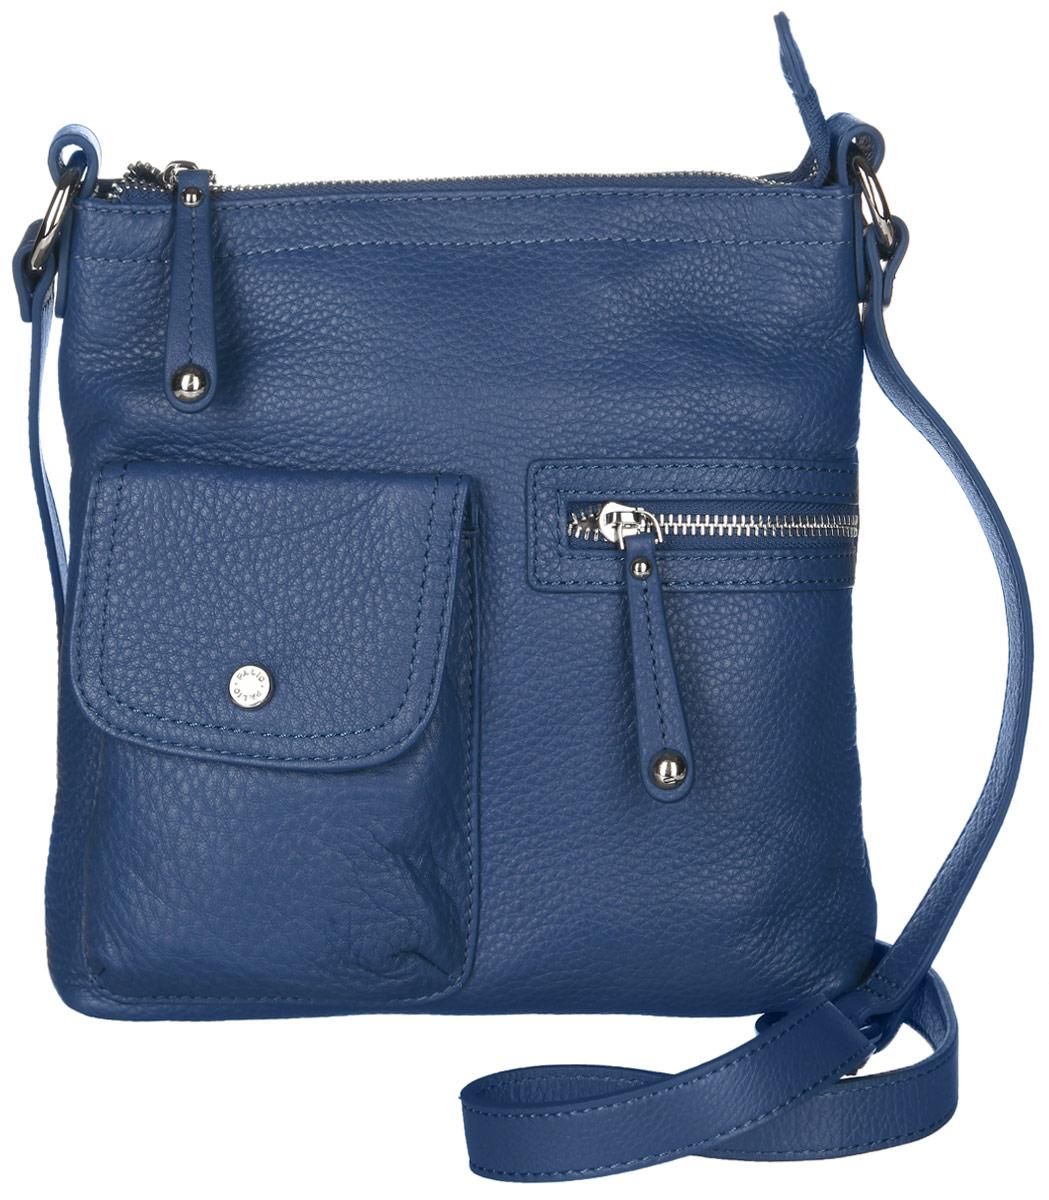 Сумка женская Palio, цвет: синий. 1087810878Стильная сумка Palio изготовлена из натуральной кожи с зернистой фактурой, оформлена металлической фурнитурой. Изделие содержит одно отделение, которое закрывается на молнию. Внутри изделия расположены два накладных кармашка для мелочей и врезной карман на молнии. Задняя сторона сумки дополнена врезным карманом на молнии. На лицевой стороне расположен накладной карман, закрывающийся клапаном на магнитную кнопку, и врезной карман на молнии. Изделие оснащено практичным плечевым ремнем регулируемой длины. Оригинальный аксессуар позволит вам завершить образ и быть неотразимой.